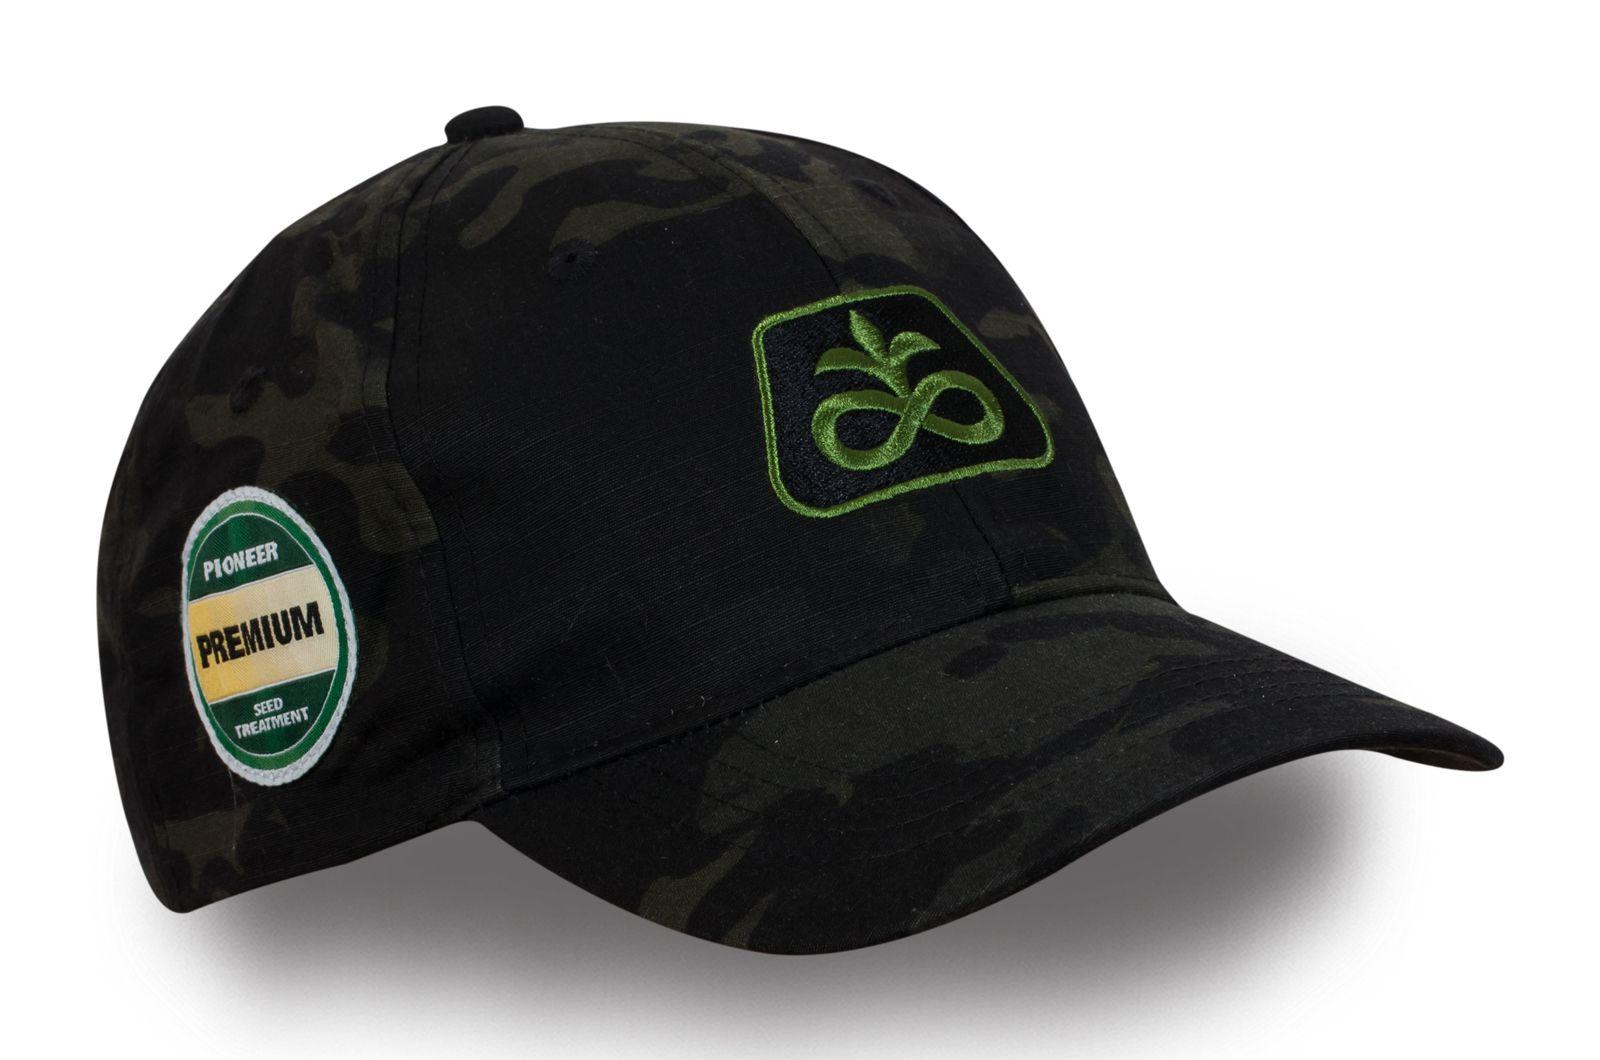 Бейсболка с лого - купить в интернет-магазине с доставкой